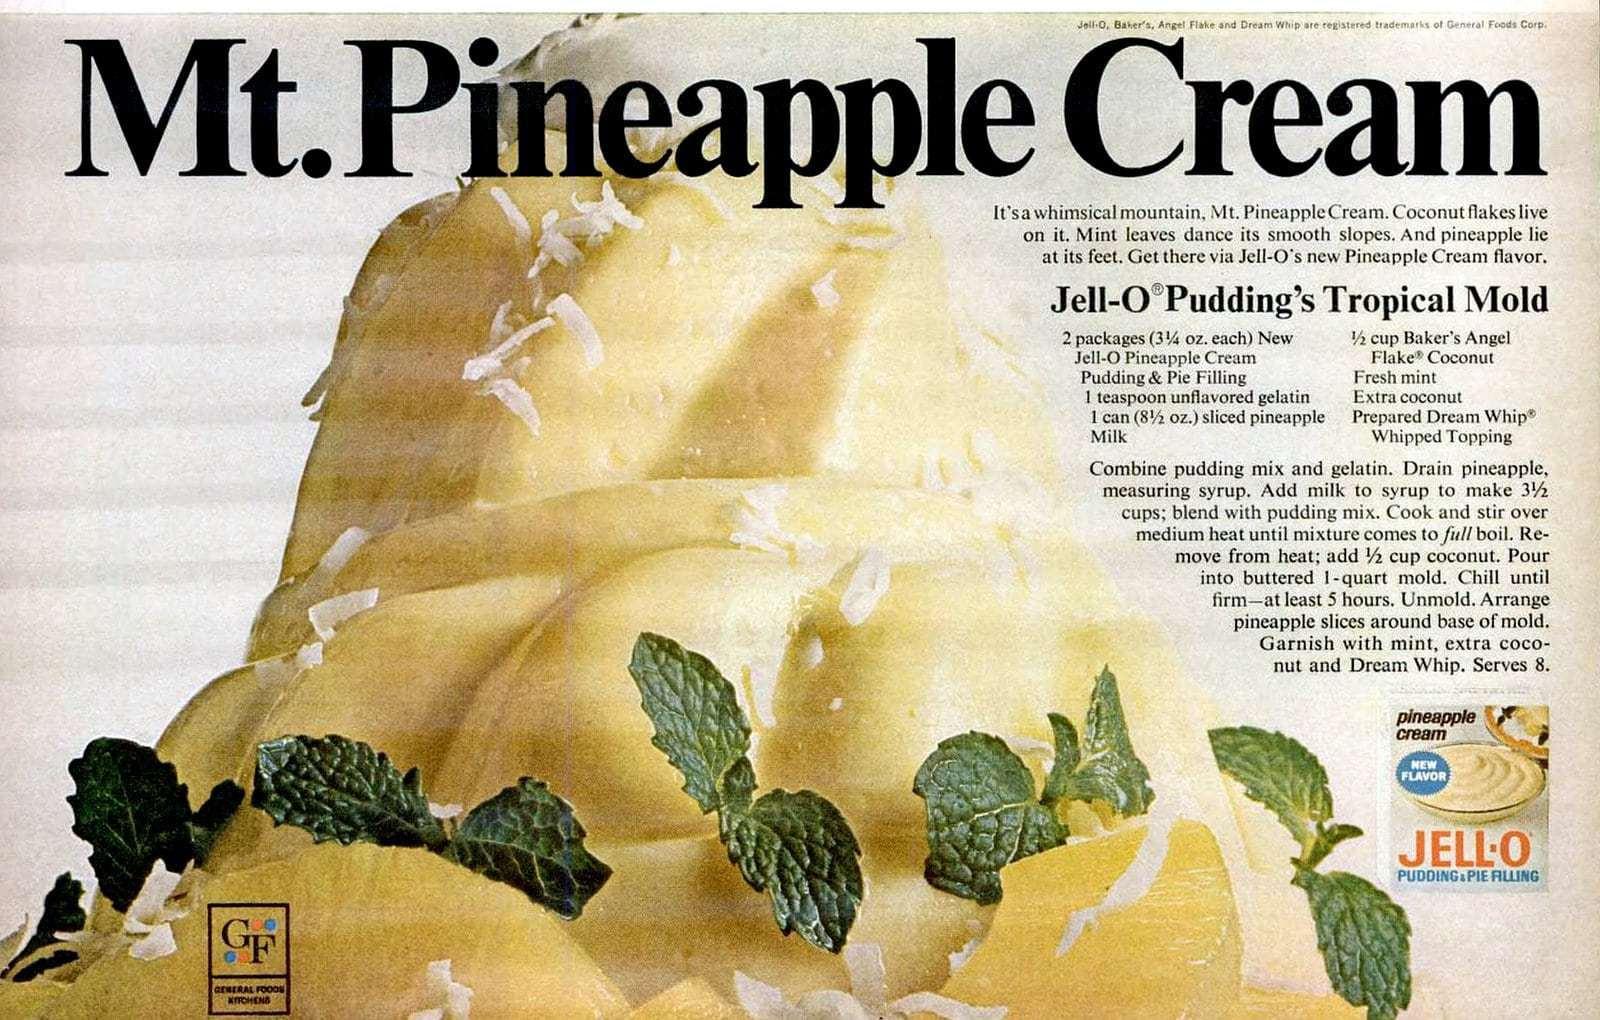 1967 Jello pineapple cream recipe - tropical